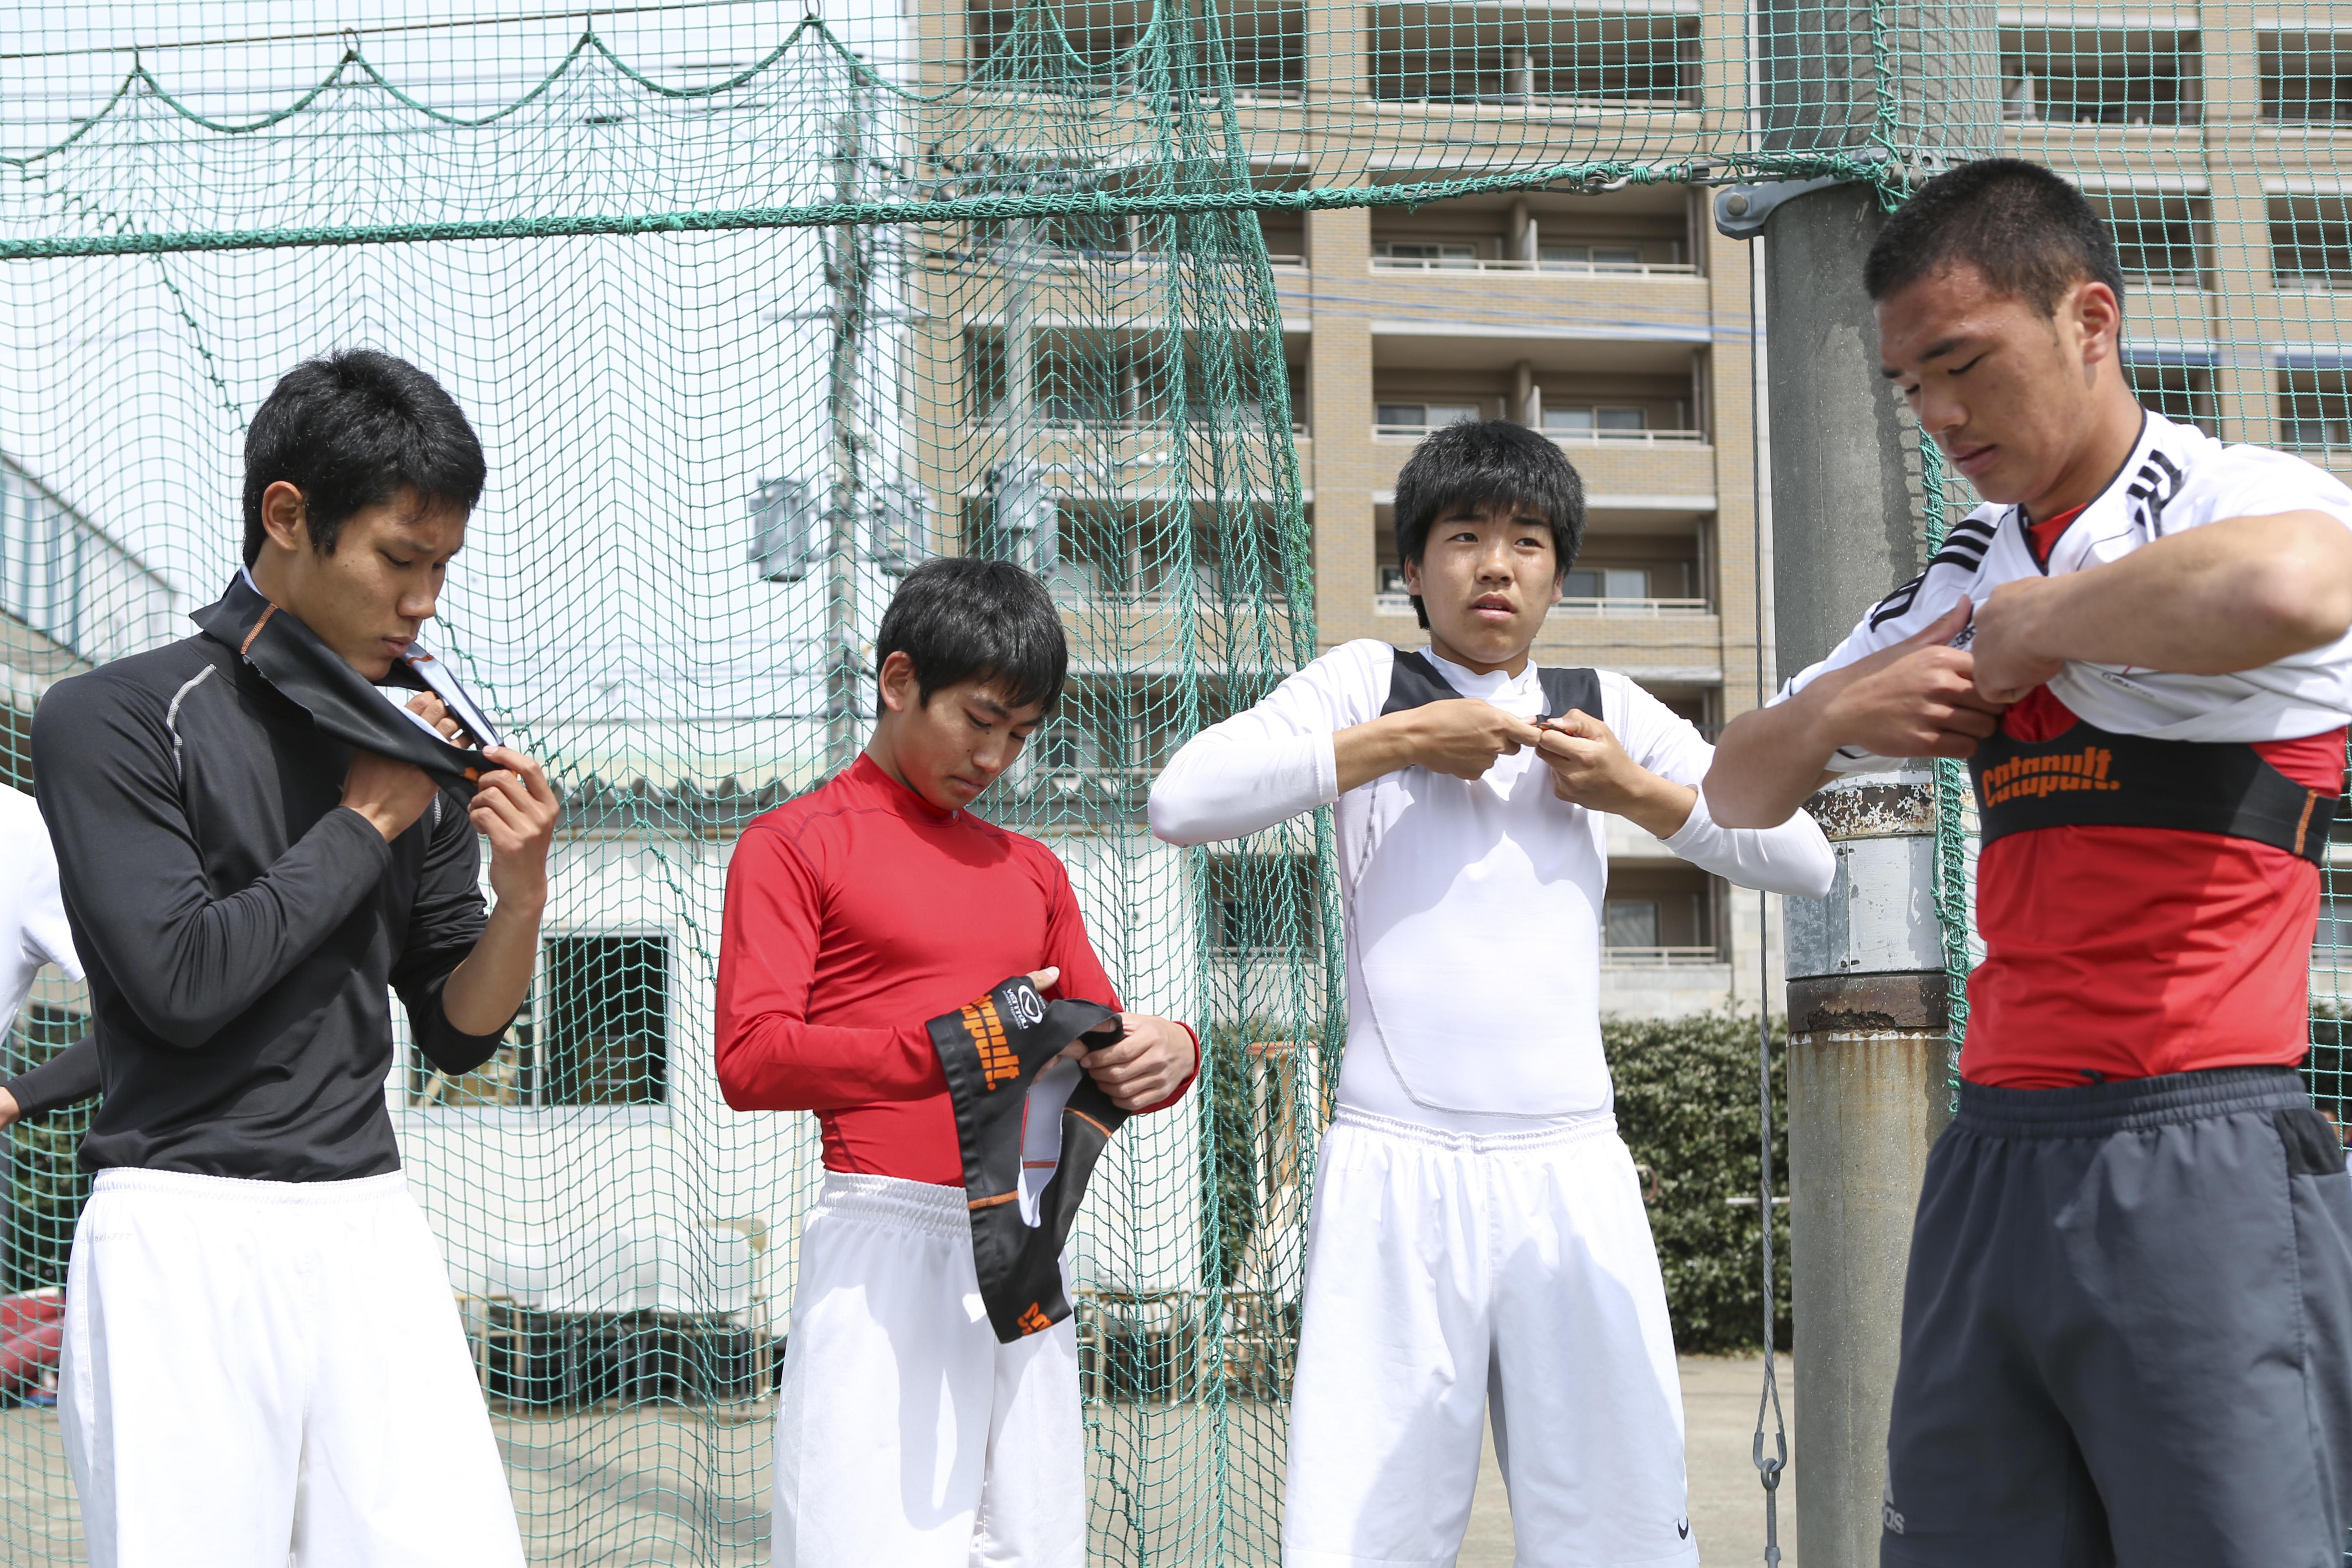 東福岡サッカー部、試合中の動きをデータでつかむ-POCARI SWEAT SPECIAL SESSION